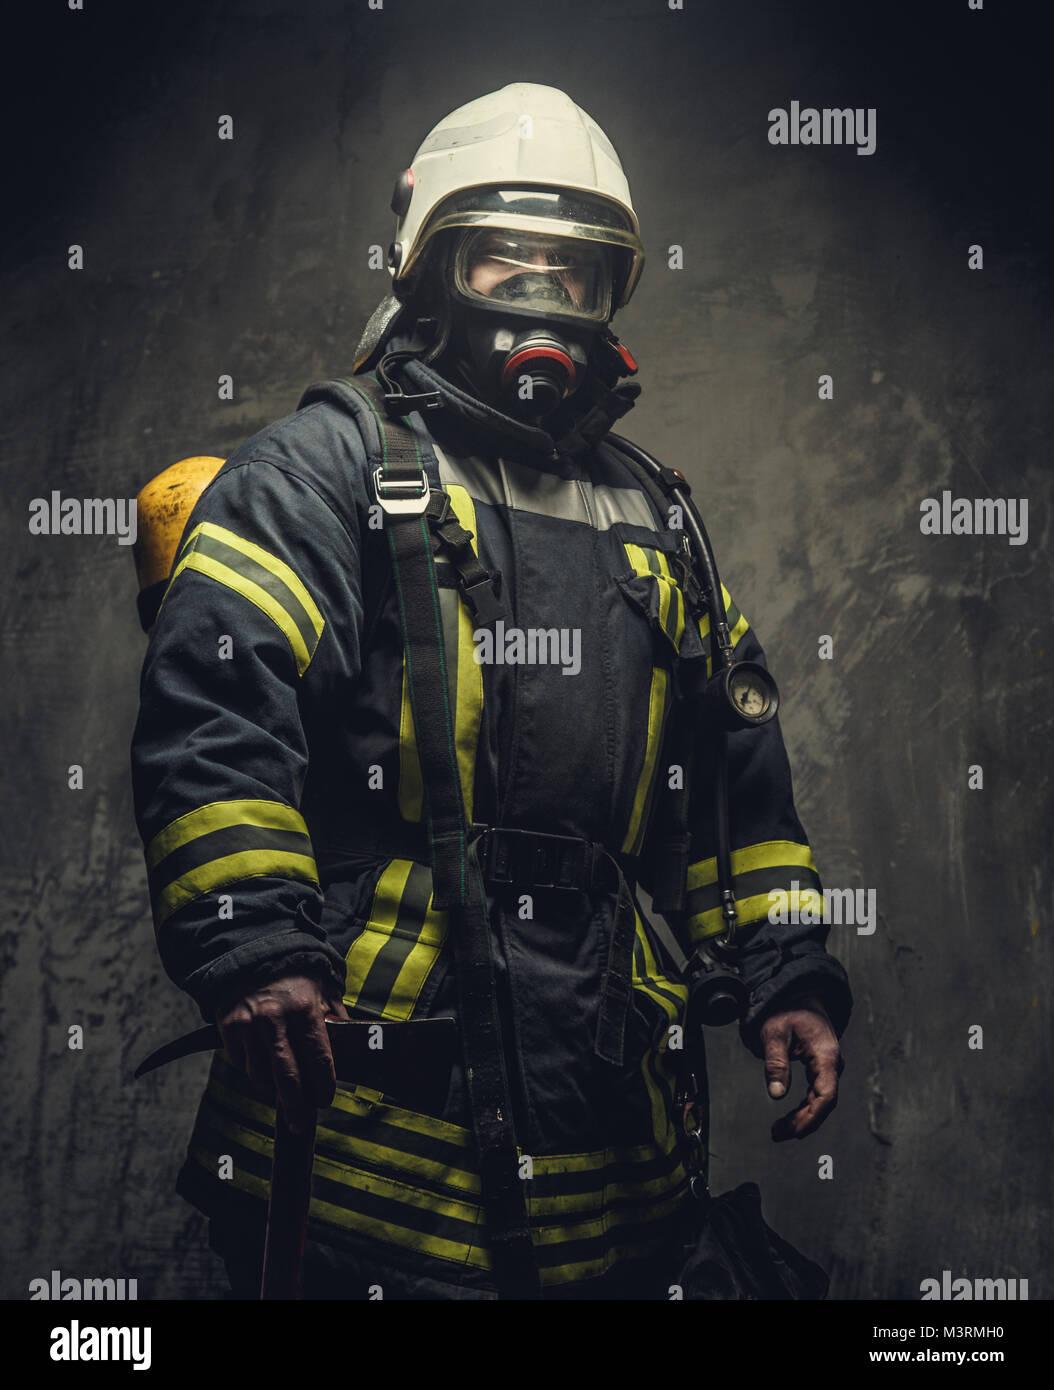 Ritratto di vigile del fuoco nella maschera di ossigeno. Immagini Stock